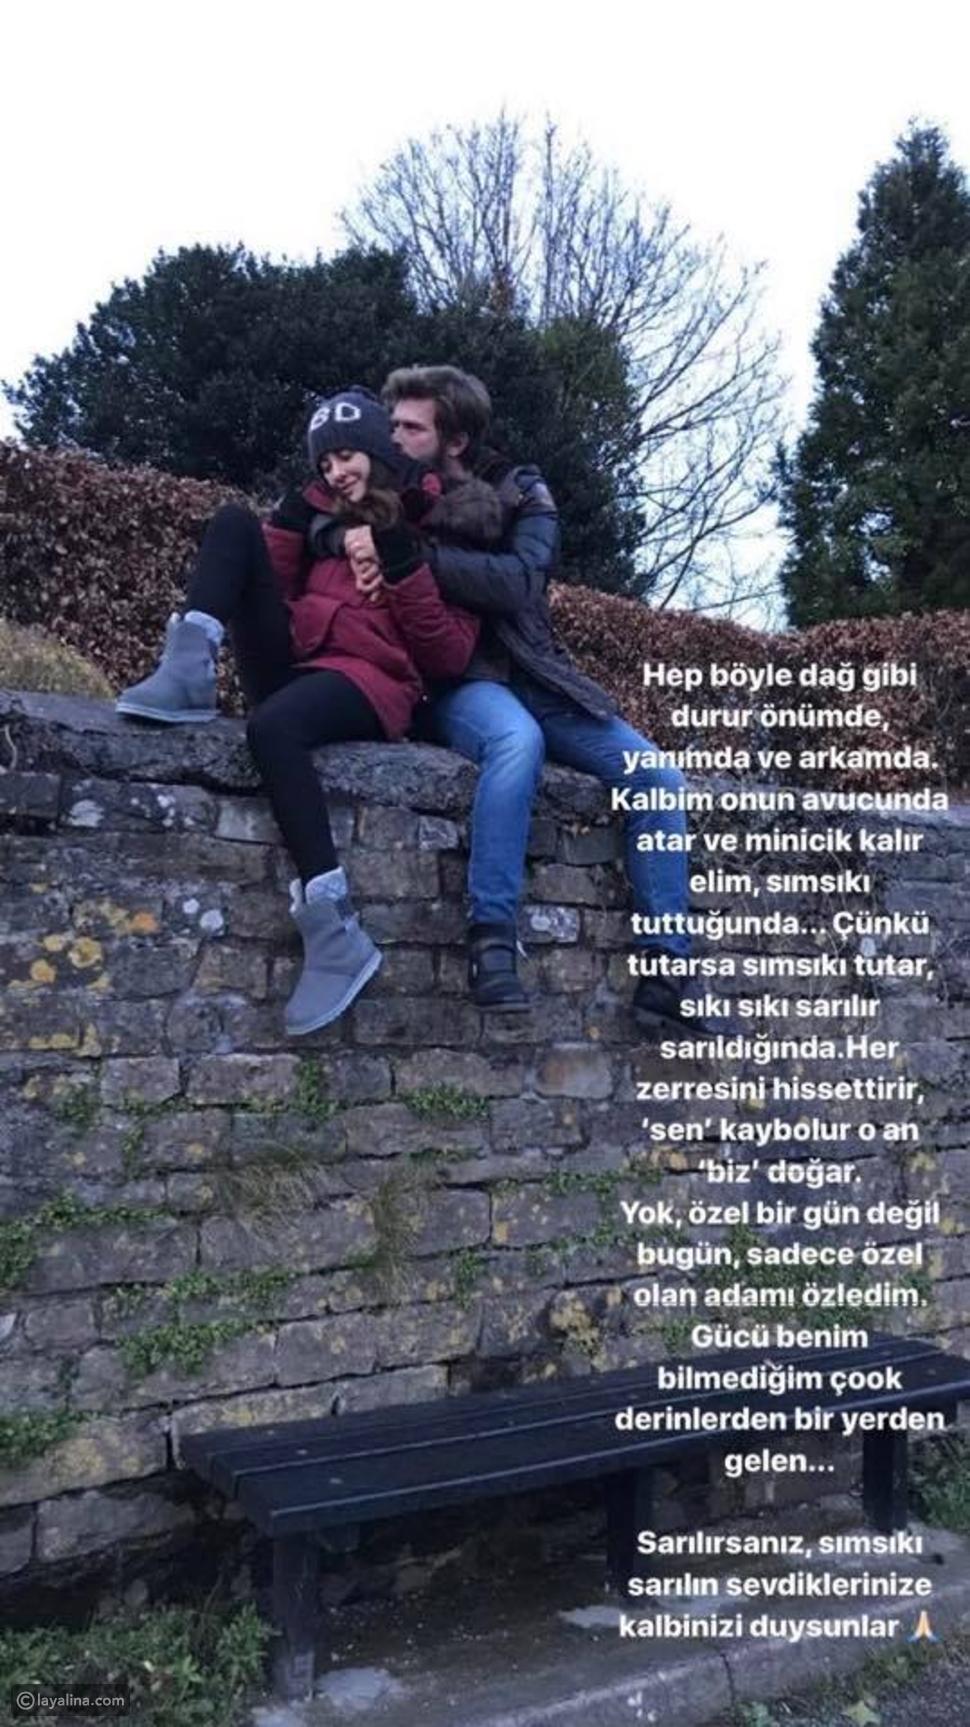 رسالة باشاك ديزار لزوجها كيفانش تاتليتوغ